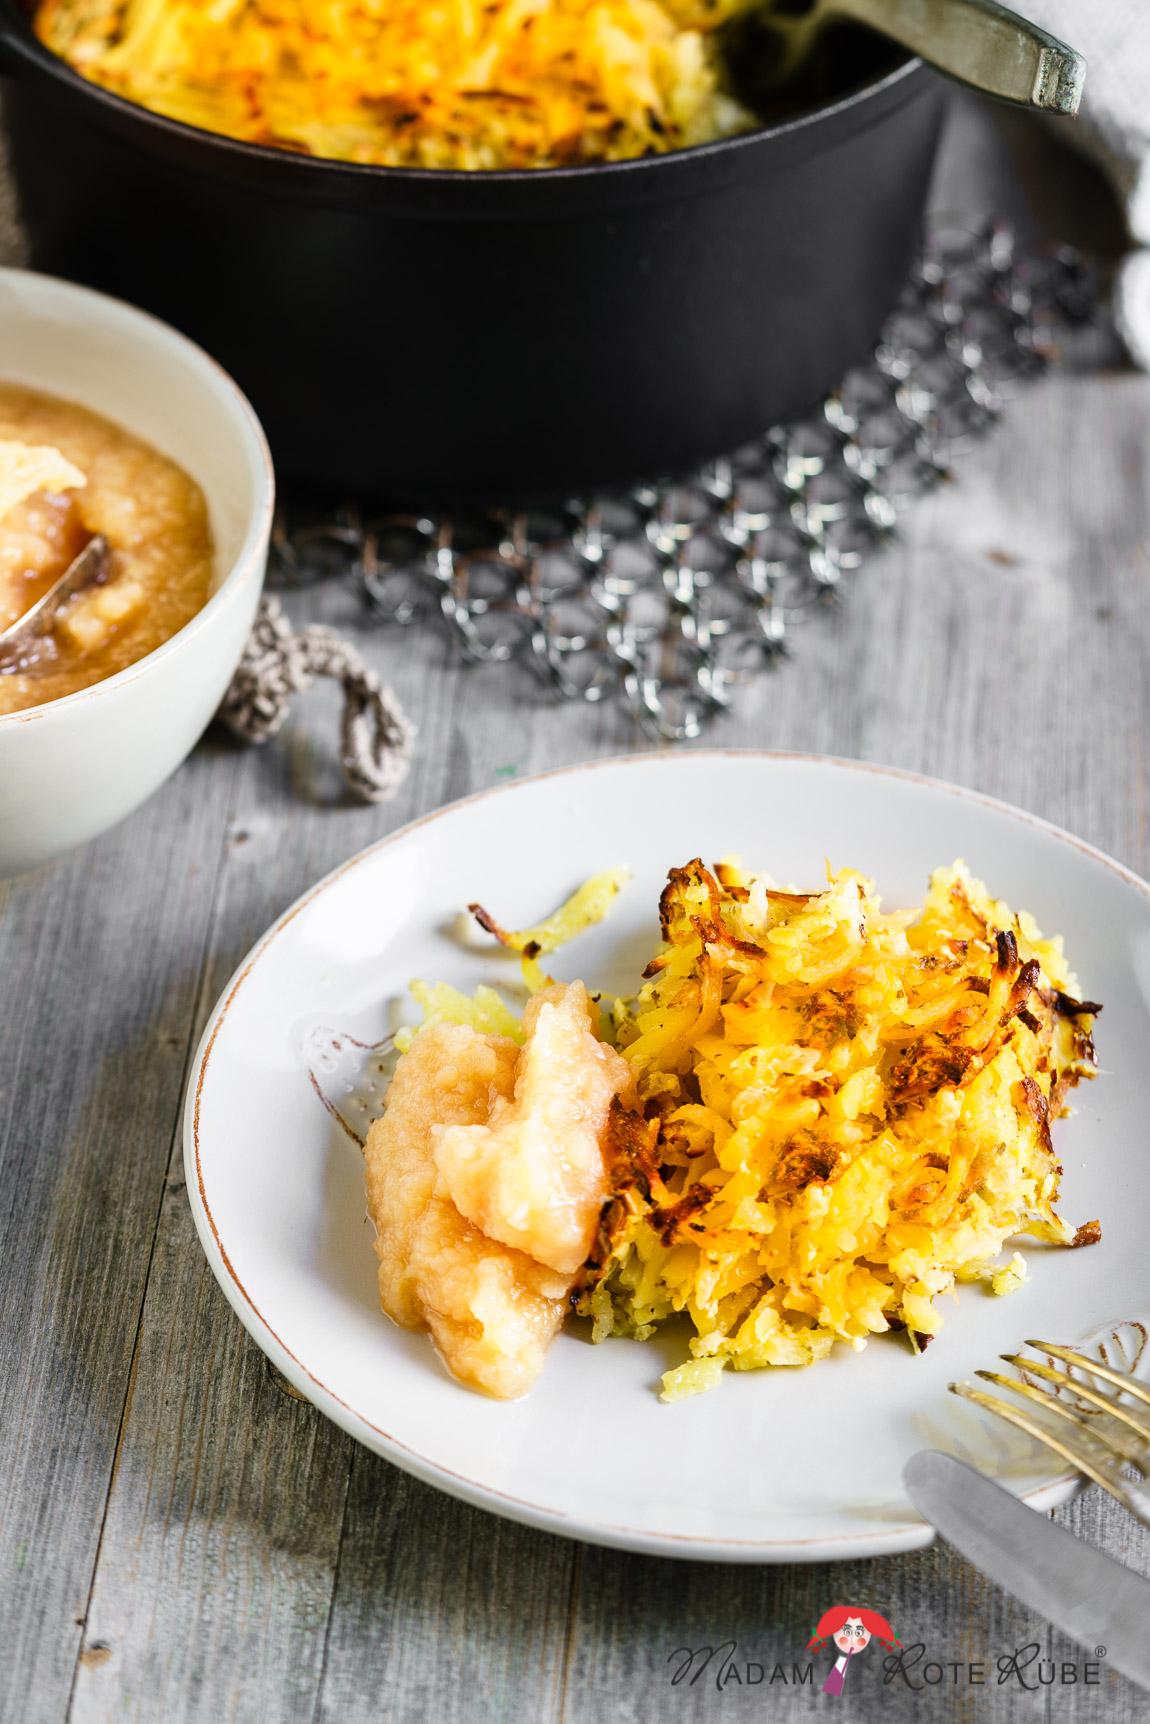 Madam Rote Rübe - Eifeler Döppekooche - Kartoffelkuchen aus dem gusseisernen Topf